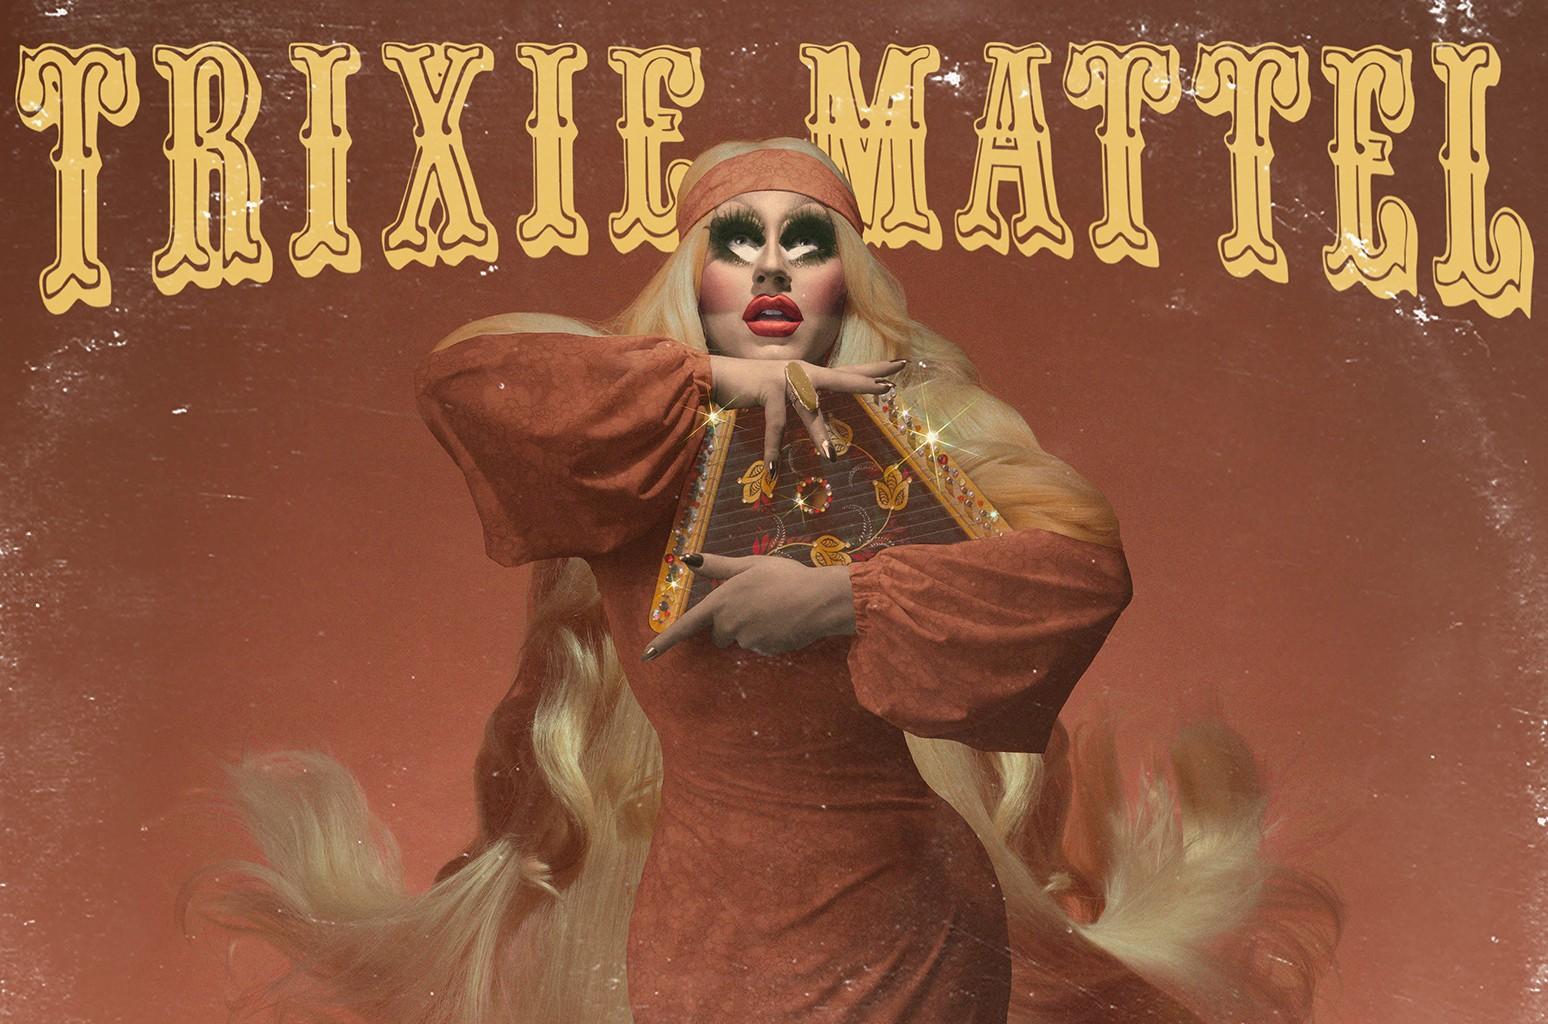 Trixie Mattel 'Moving Parts'